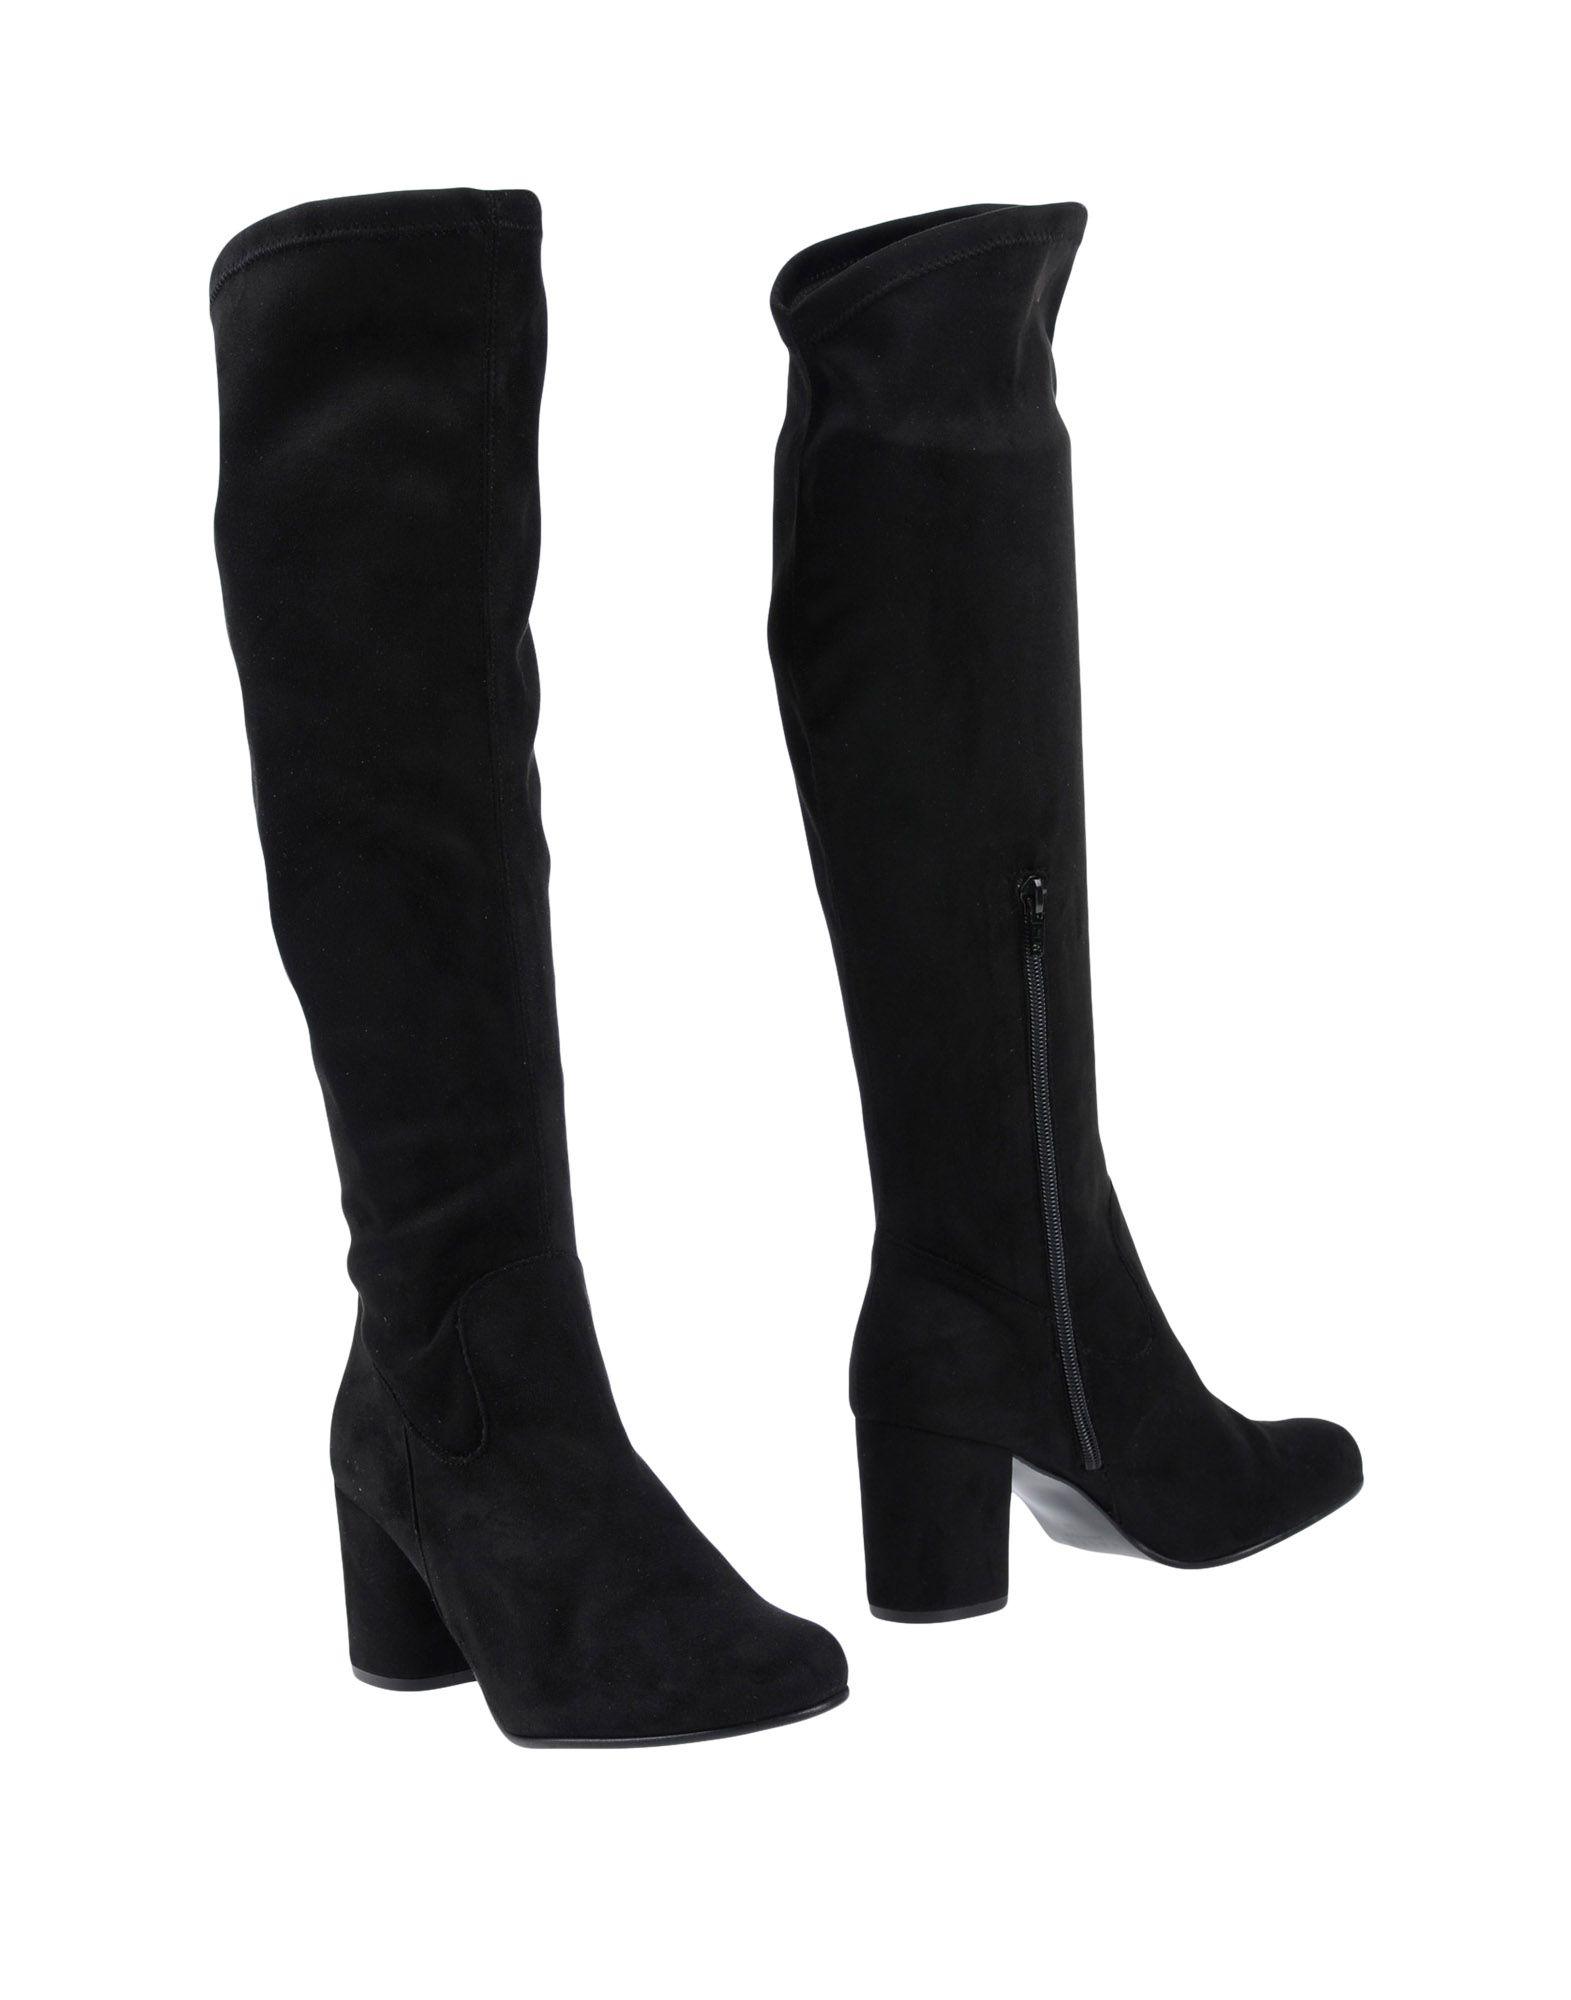 Heliā Stiefel Damen Schuhe  11467580TI Gute Qualität beliebte Schuhe Damen 17d1b5